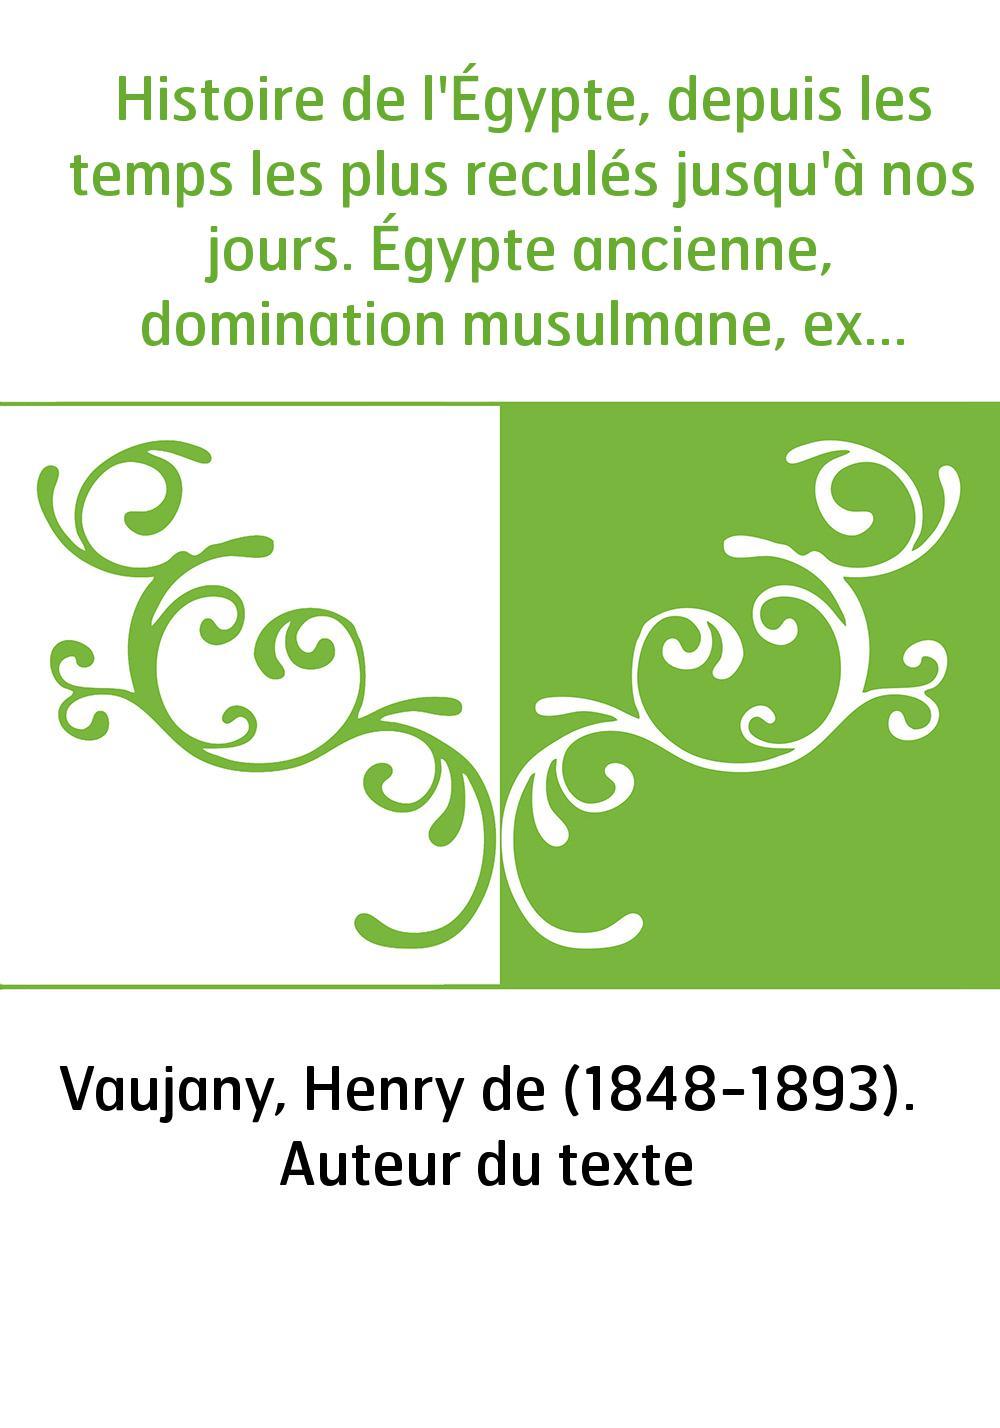 Histoire de l'Égypte, depuis les temps les plus reculés jusqu'à nos jours. Égypte ancienne, domination musulmane, expédition fra